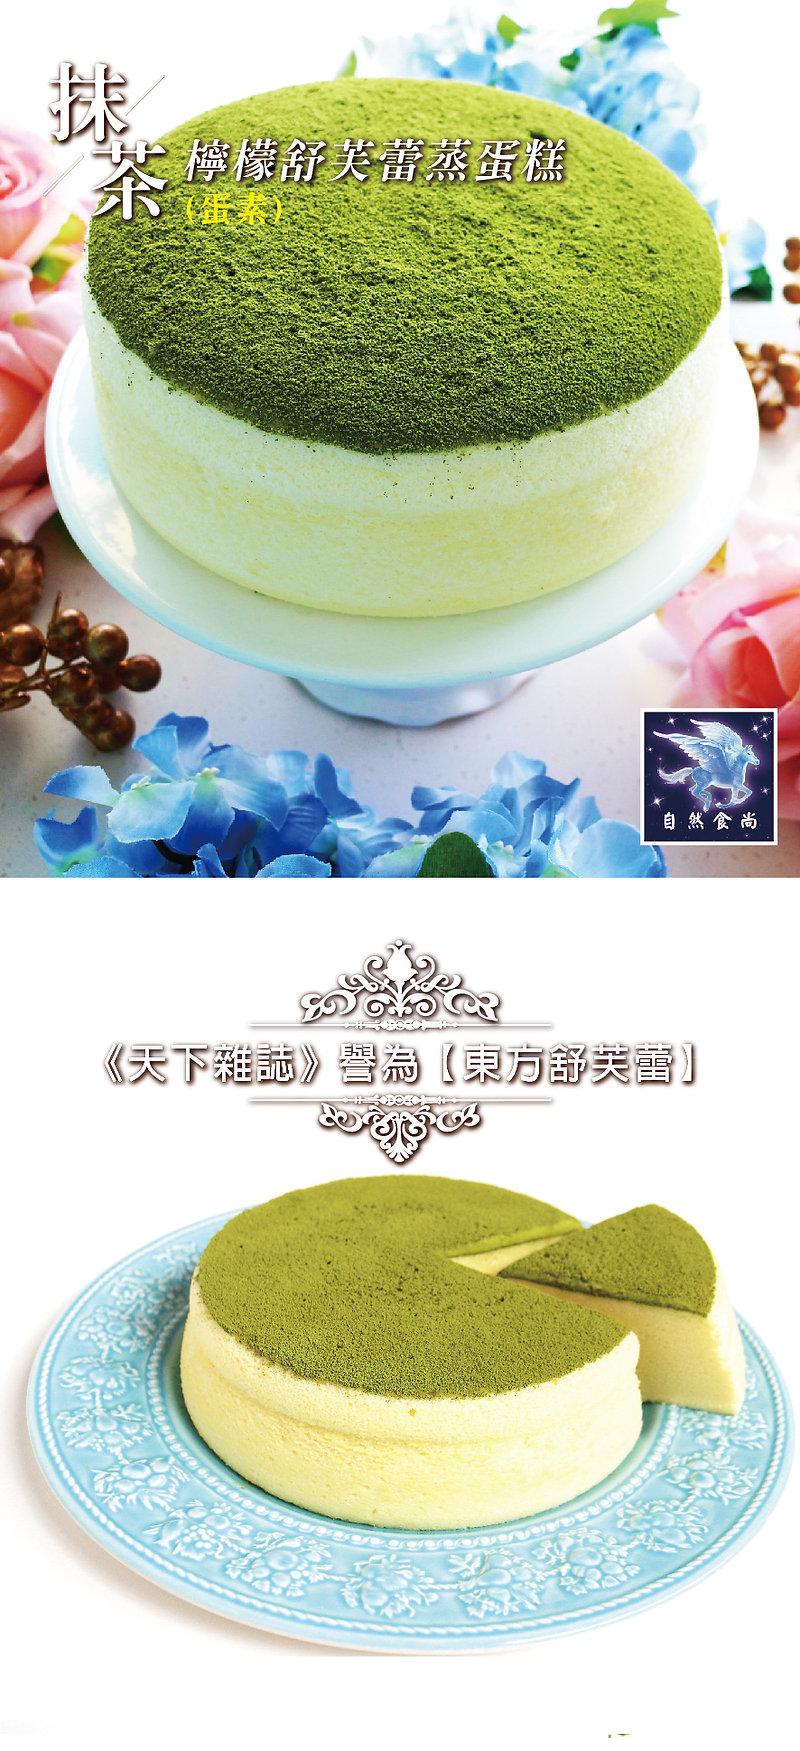 東方舒芙蕾-抹茶檸檬-01.jpg